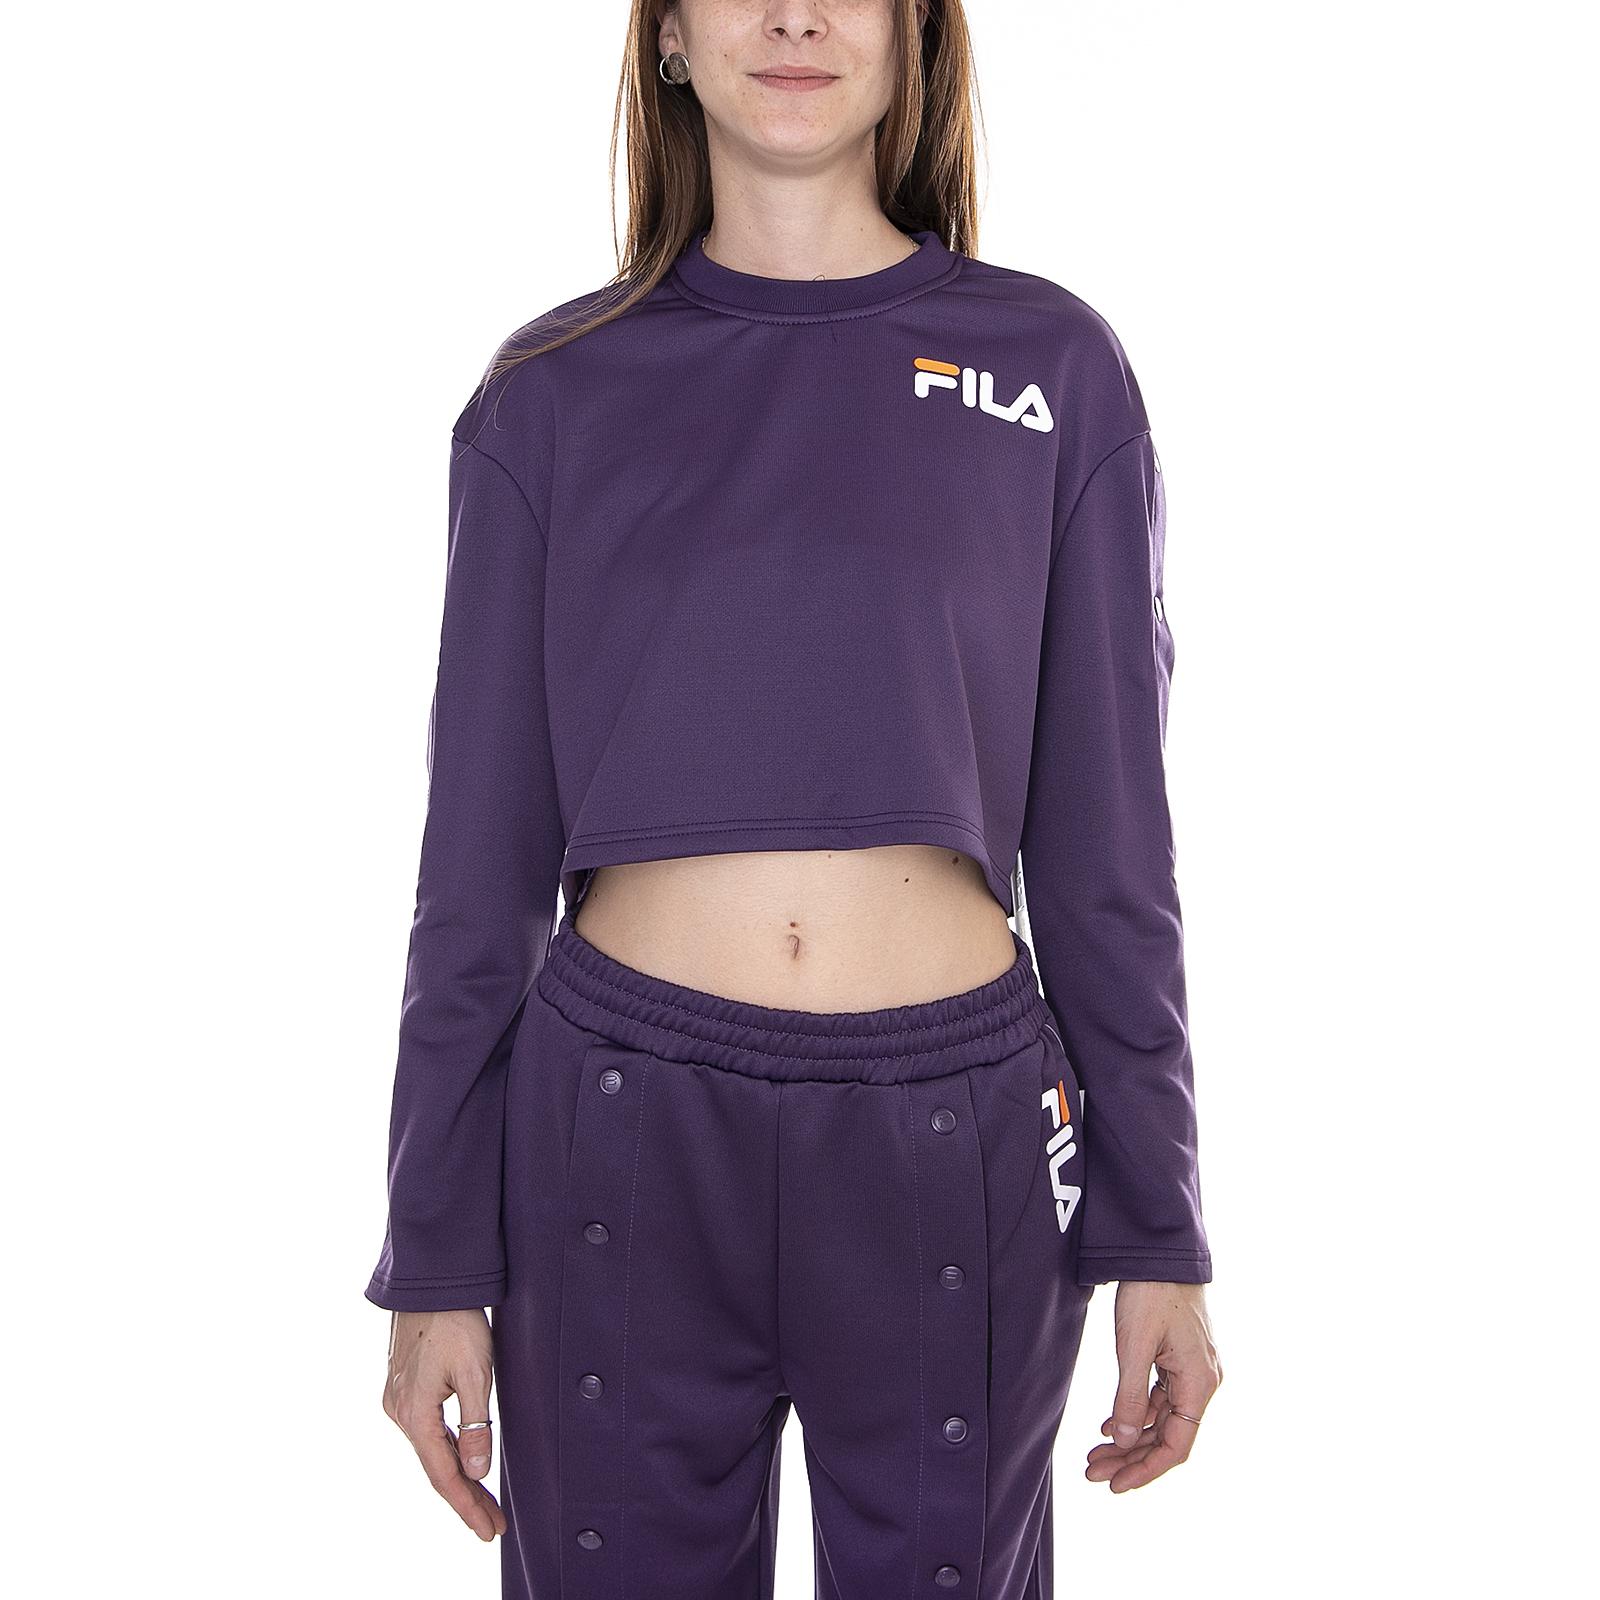 94545f2f7d89 ... Fila Sweatshirts Aurora Flared Snap Purple purple purple purple c6718a  ...